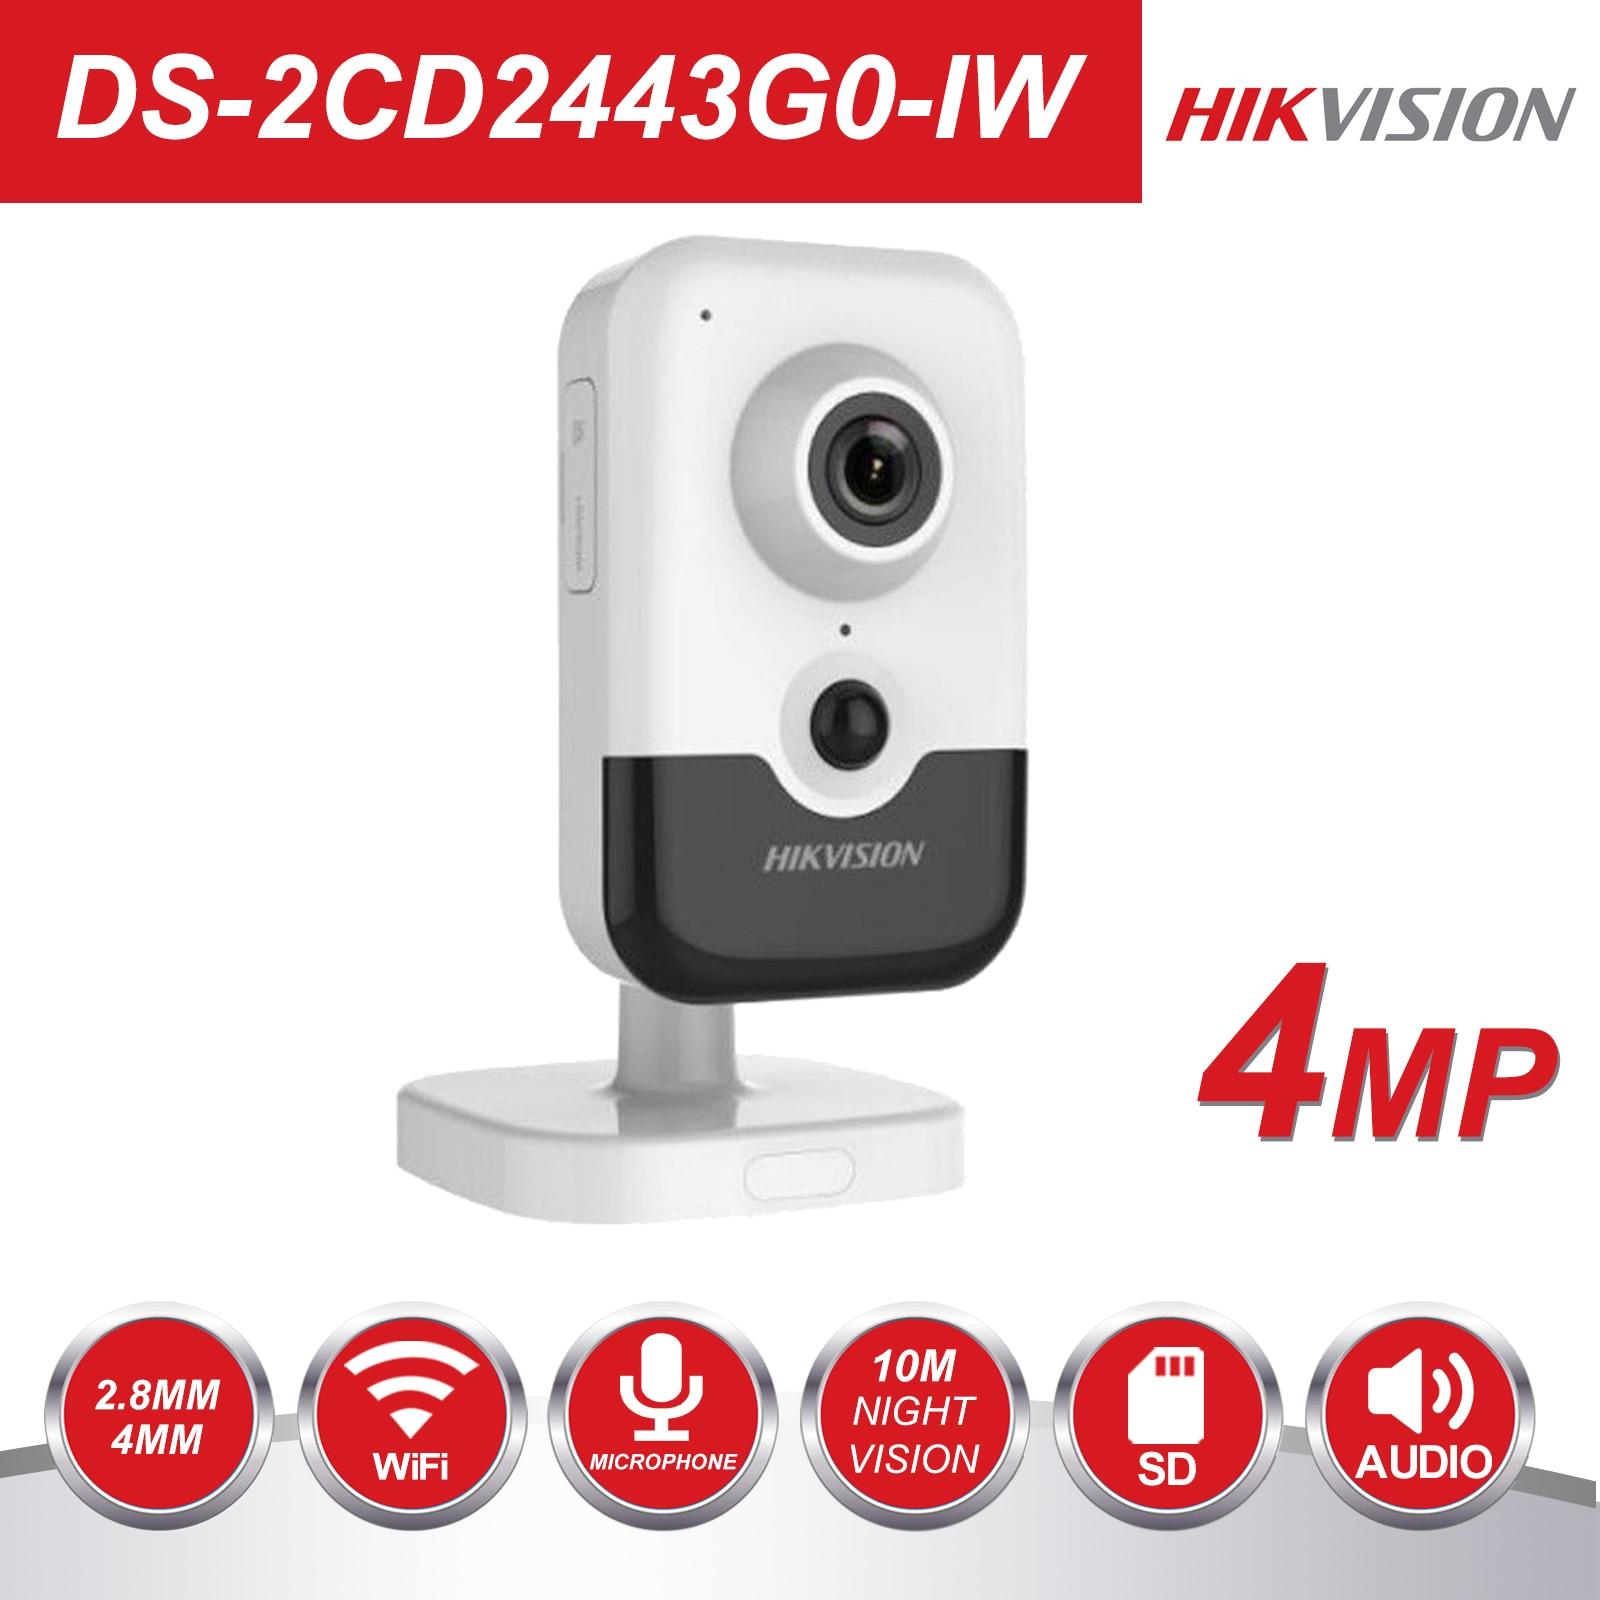 HIK Novo Vídeo Vigilância Câmera Wi-Fi PoE DS-2CD2443G0-IW 4MP IR Câmera IP Interno do Cubo Fixo Sem Fio Speaker H.265 +